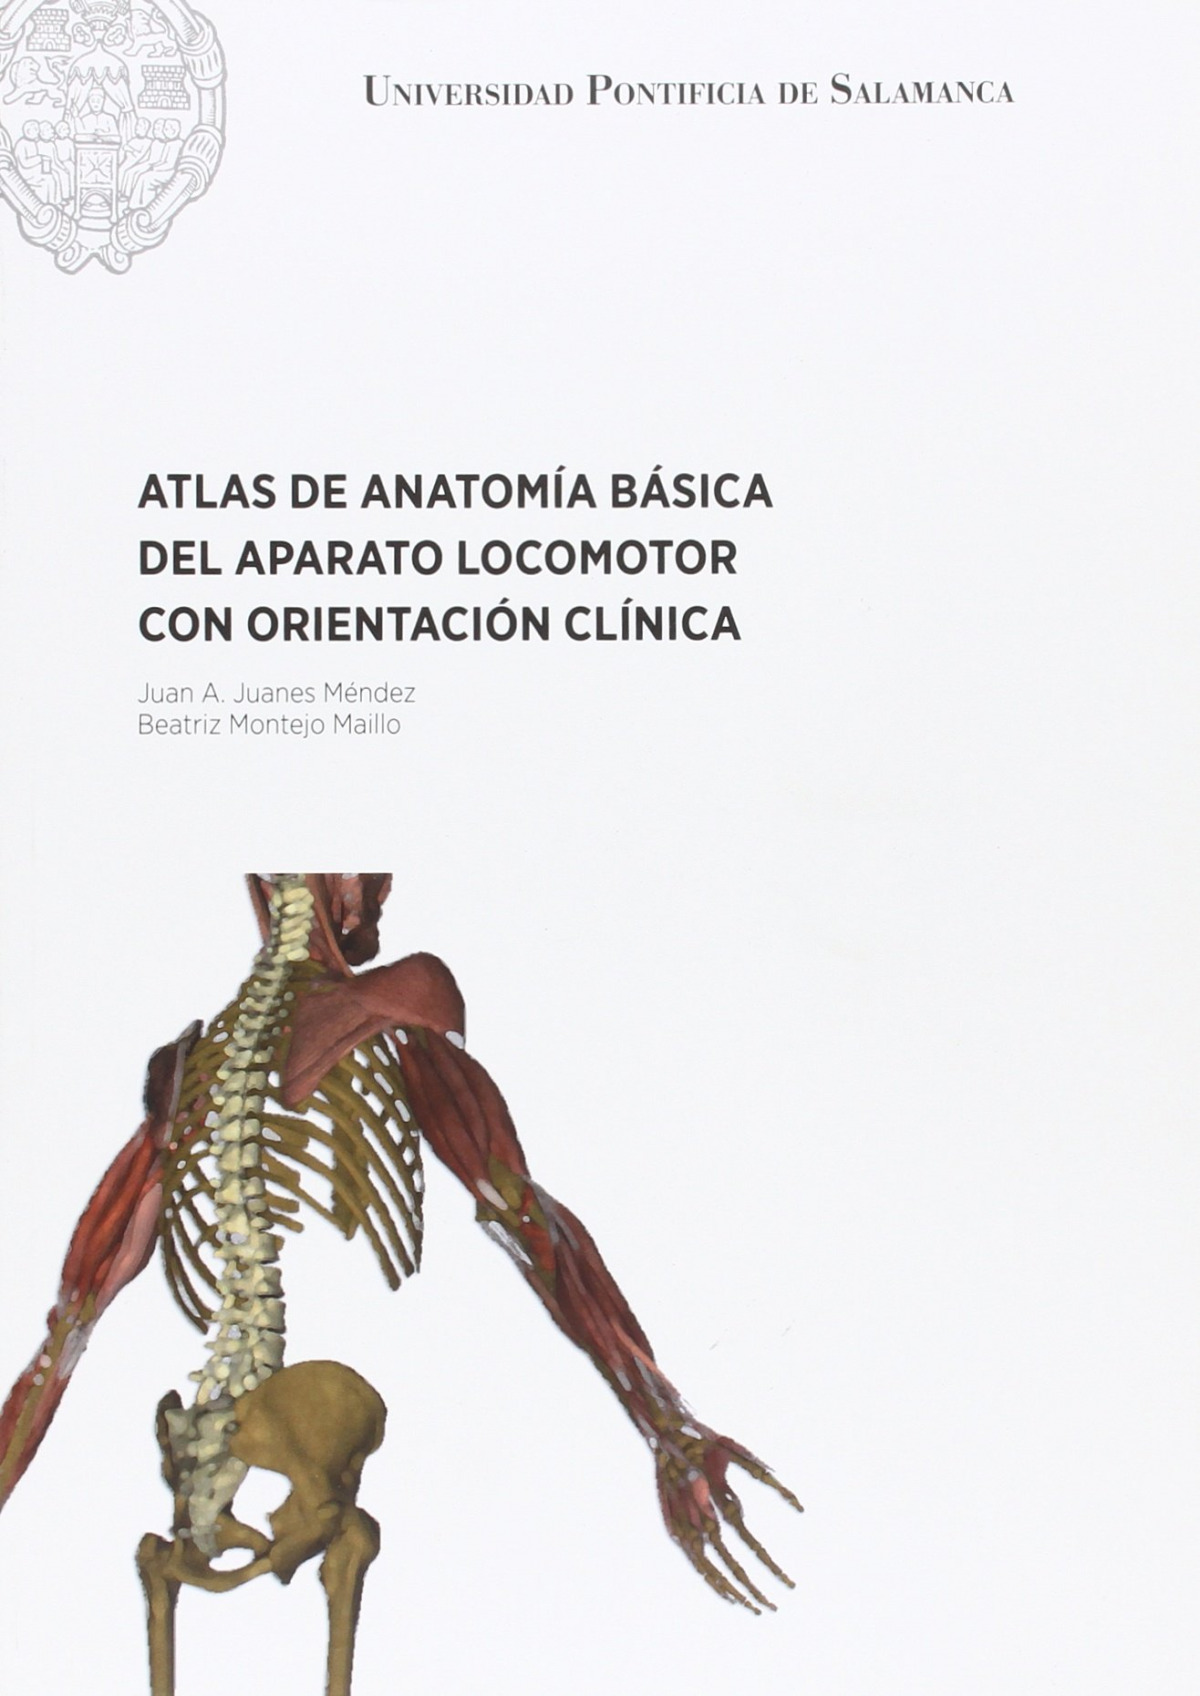 Atlas de antomía básica del aparato locomotor con orientación clínica - Beatriz Montejo Maillo-Juan A. Juanes (coords.)